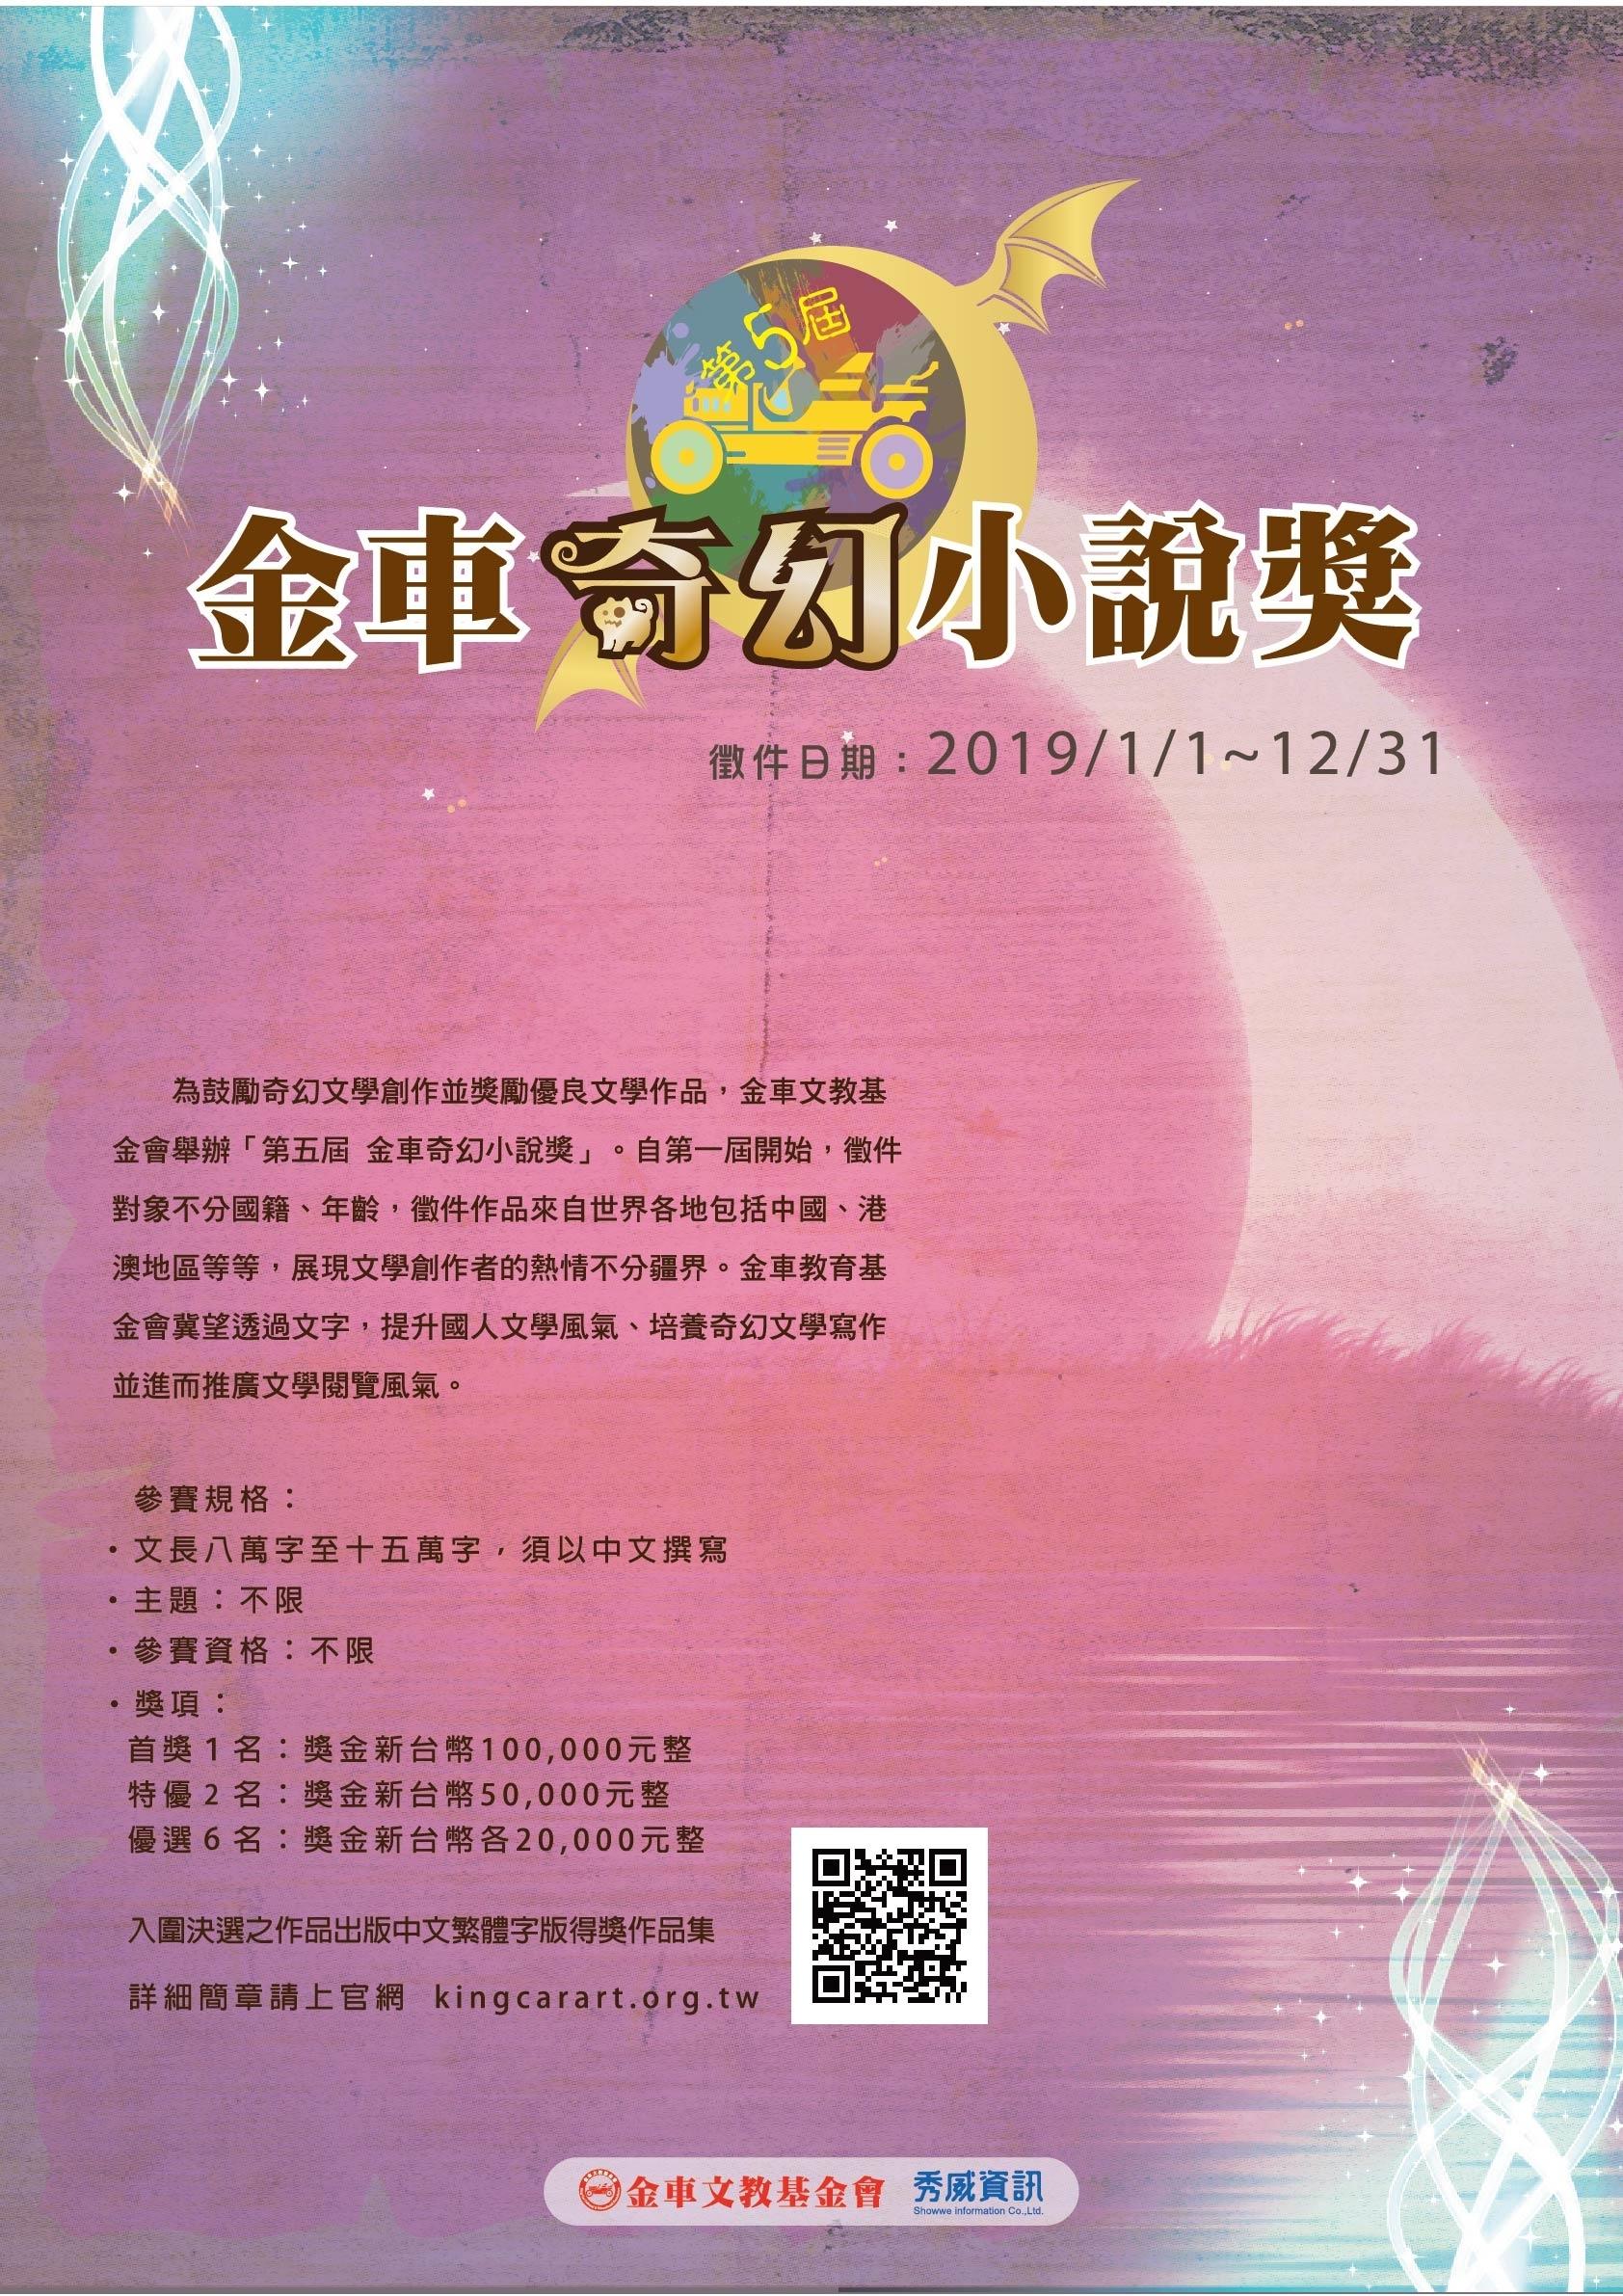 第五屆金車奇幻小說獎 - SkeGeo 臺灣活動網